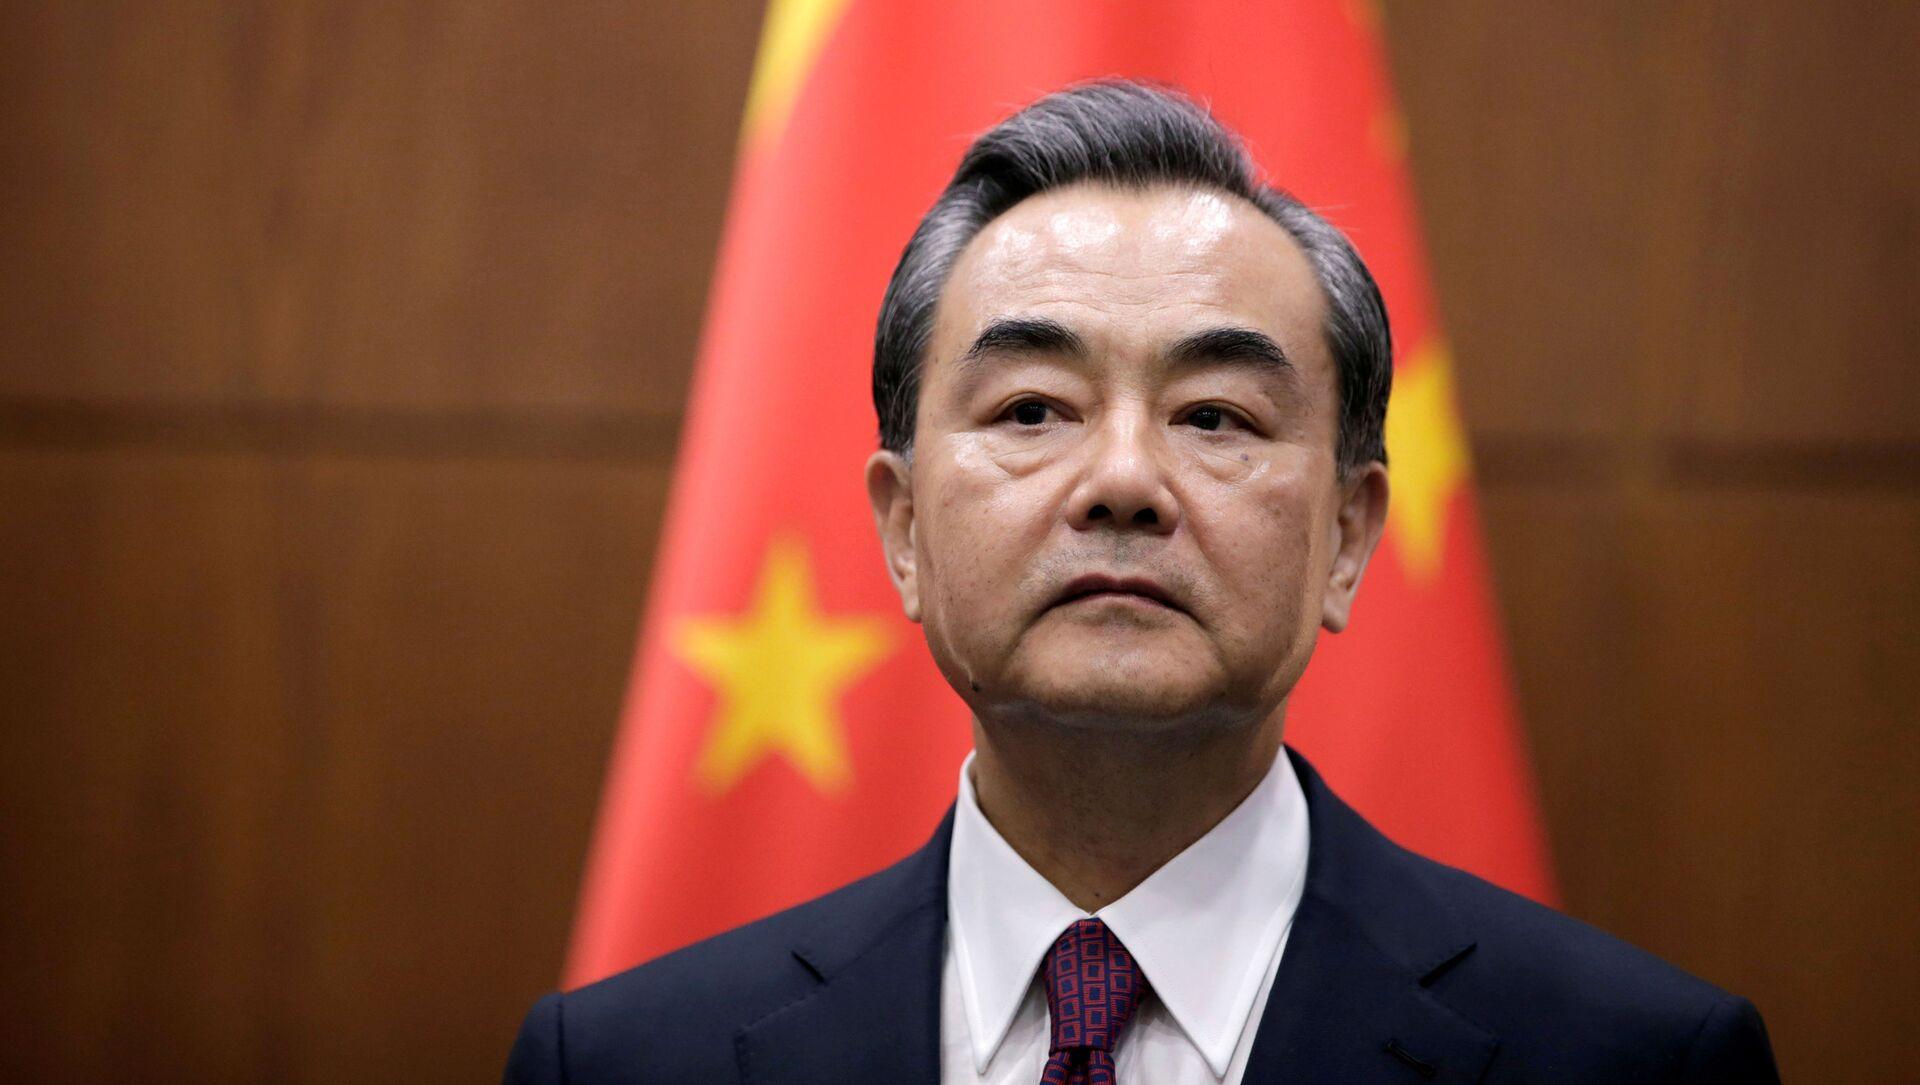 Čínský ministr zahraničí Wang-I - Sputnik Česká republika, 1920, 07.03.2021